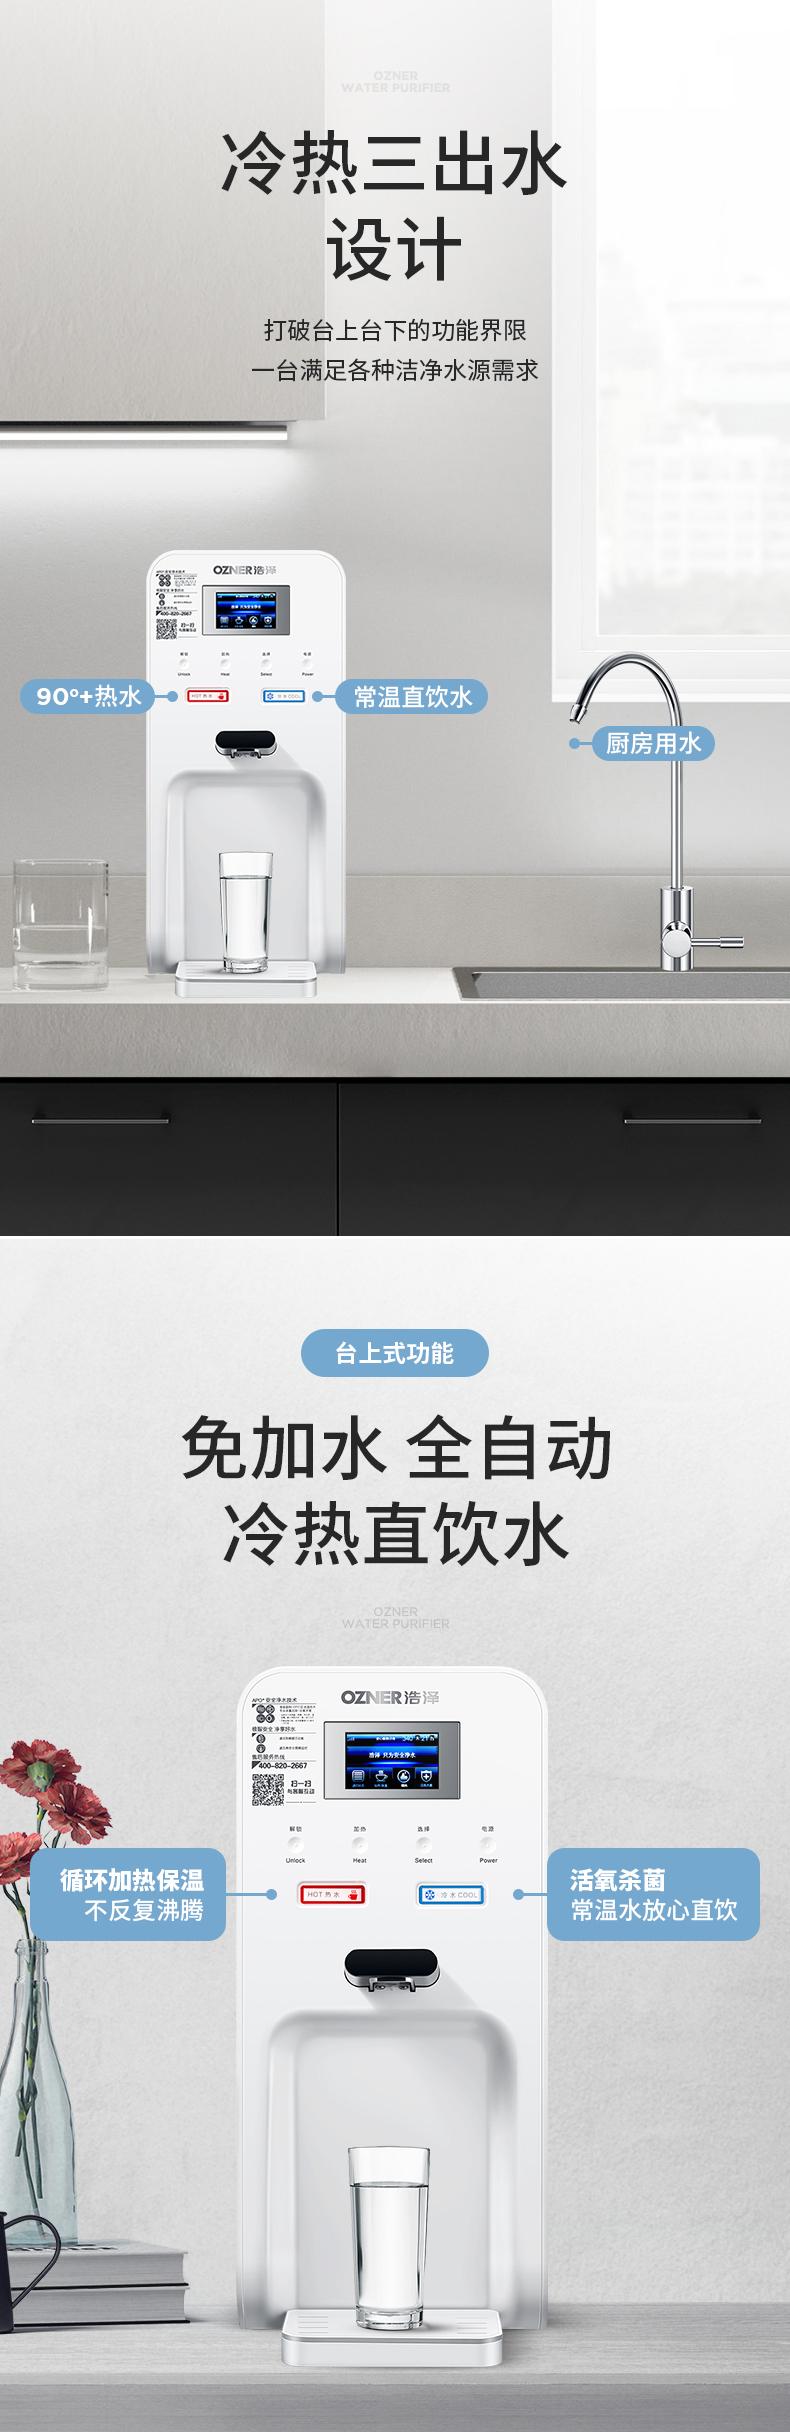 苏州家用净水器 (2)